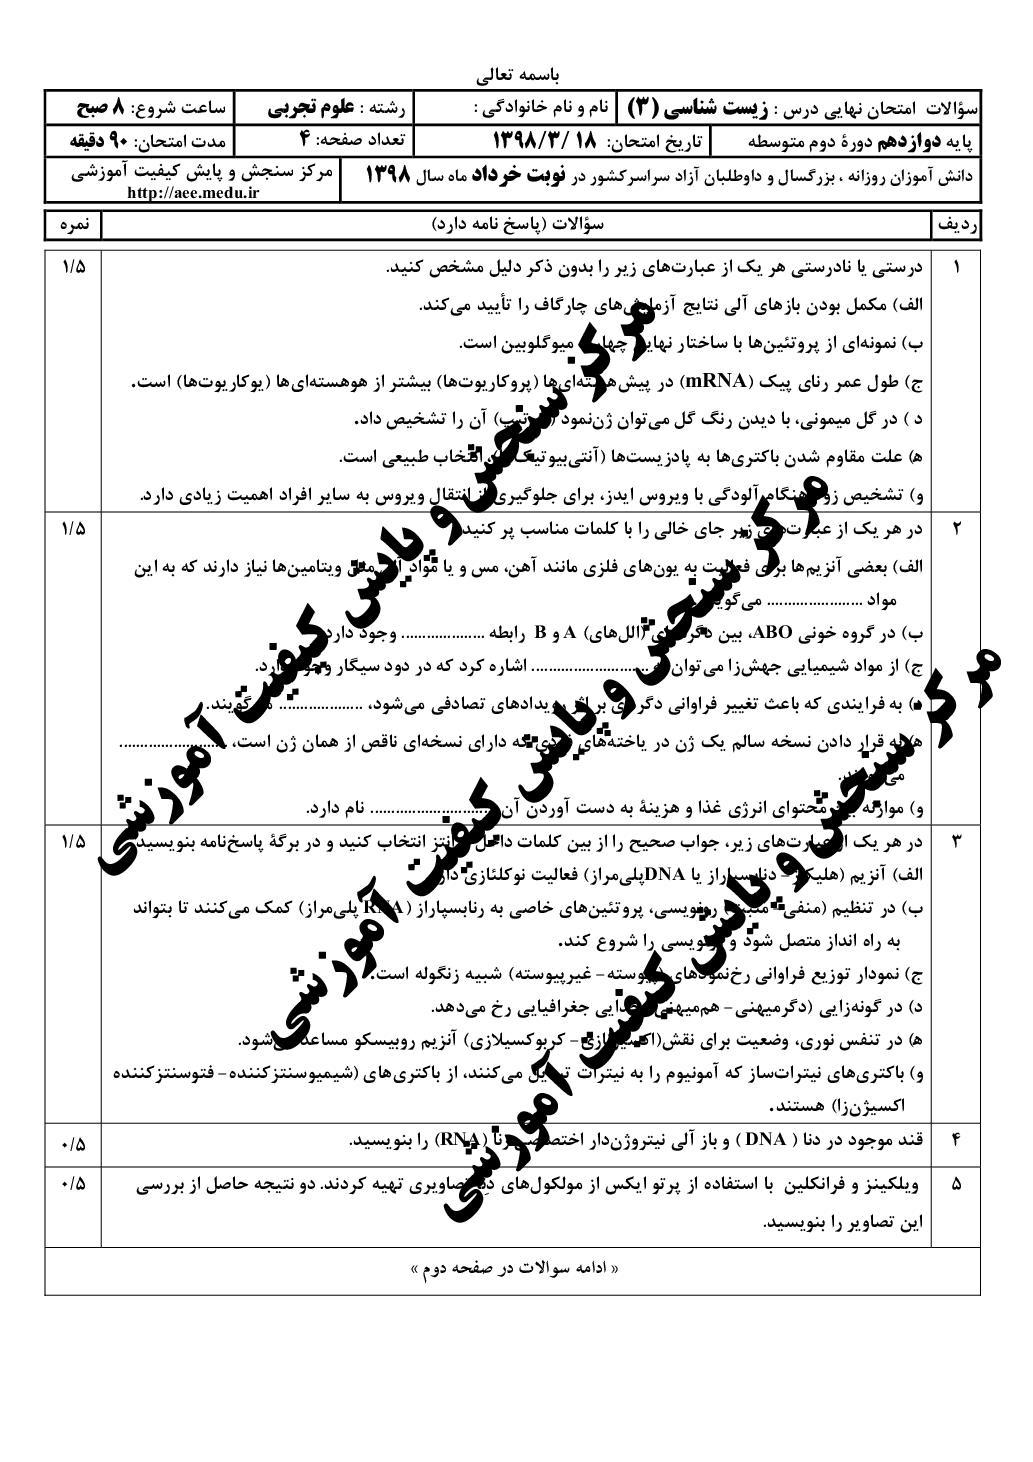 امتحان نهایی زیست شناسی 3 - خرداد 98 (PDF)